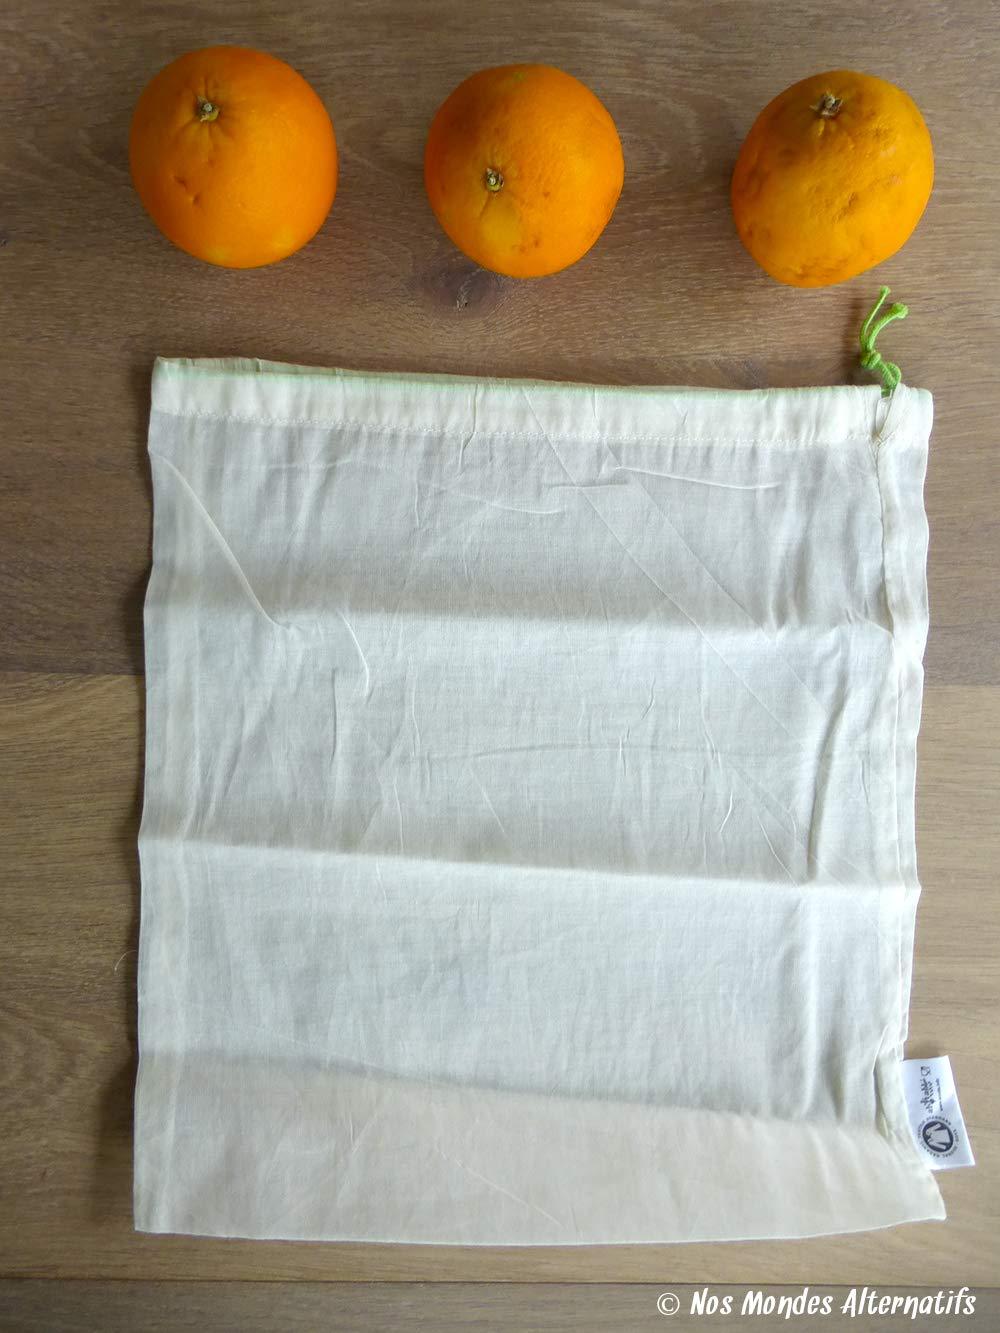 5 sacs r/éutilisables C/ér/éales ultra l/égers lavables en machine 52 Listes de Courses Saisonni/ères avec Infos Pratiques 5 sacs /à vrac en coton bio Fruits et L/égumes